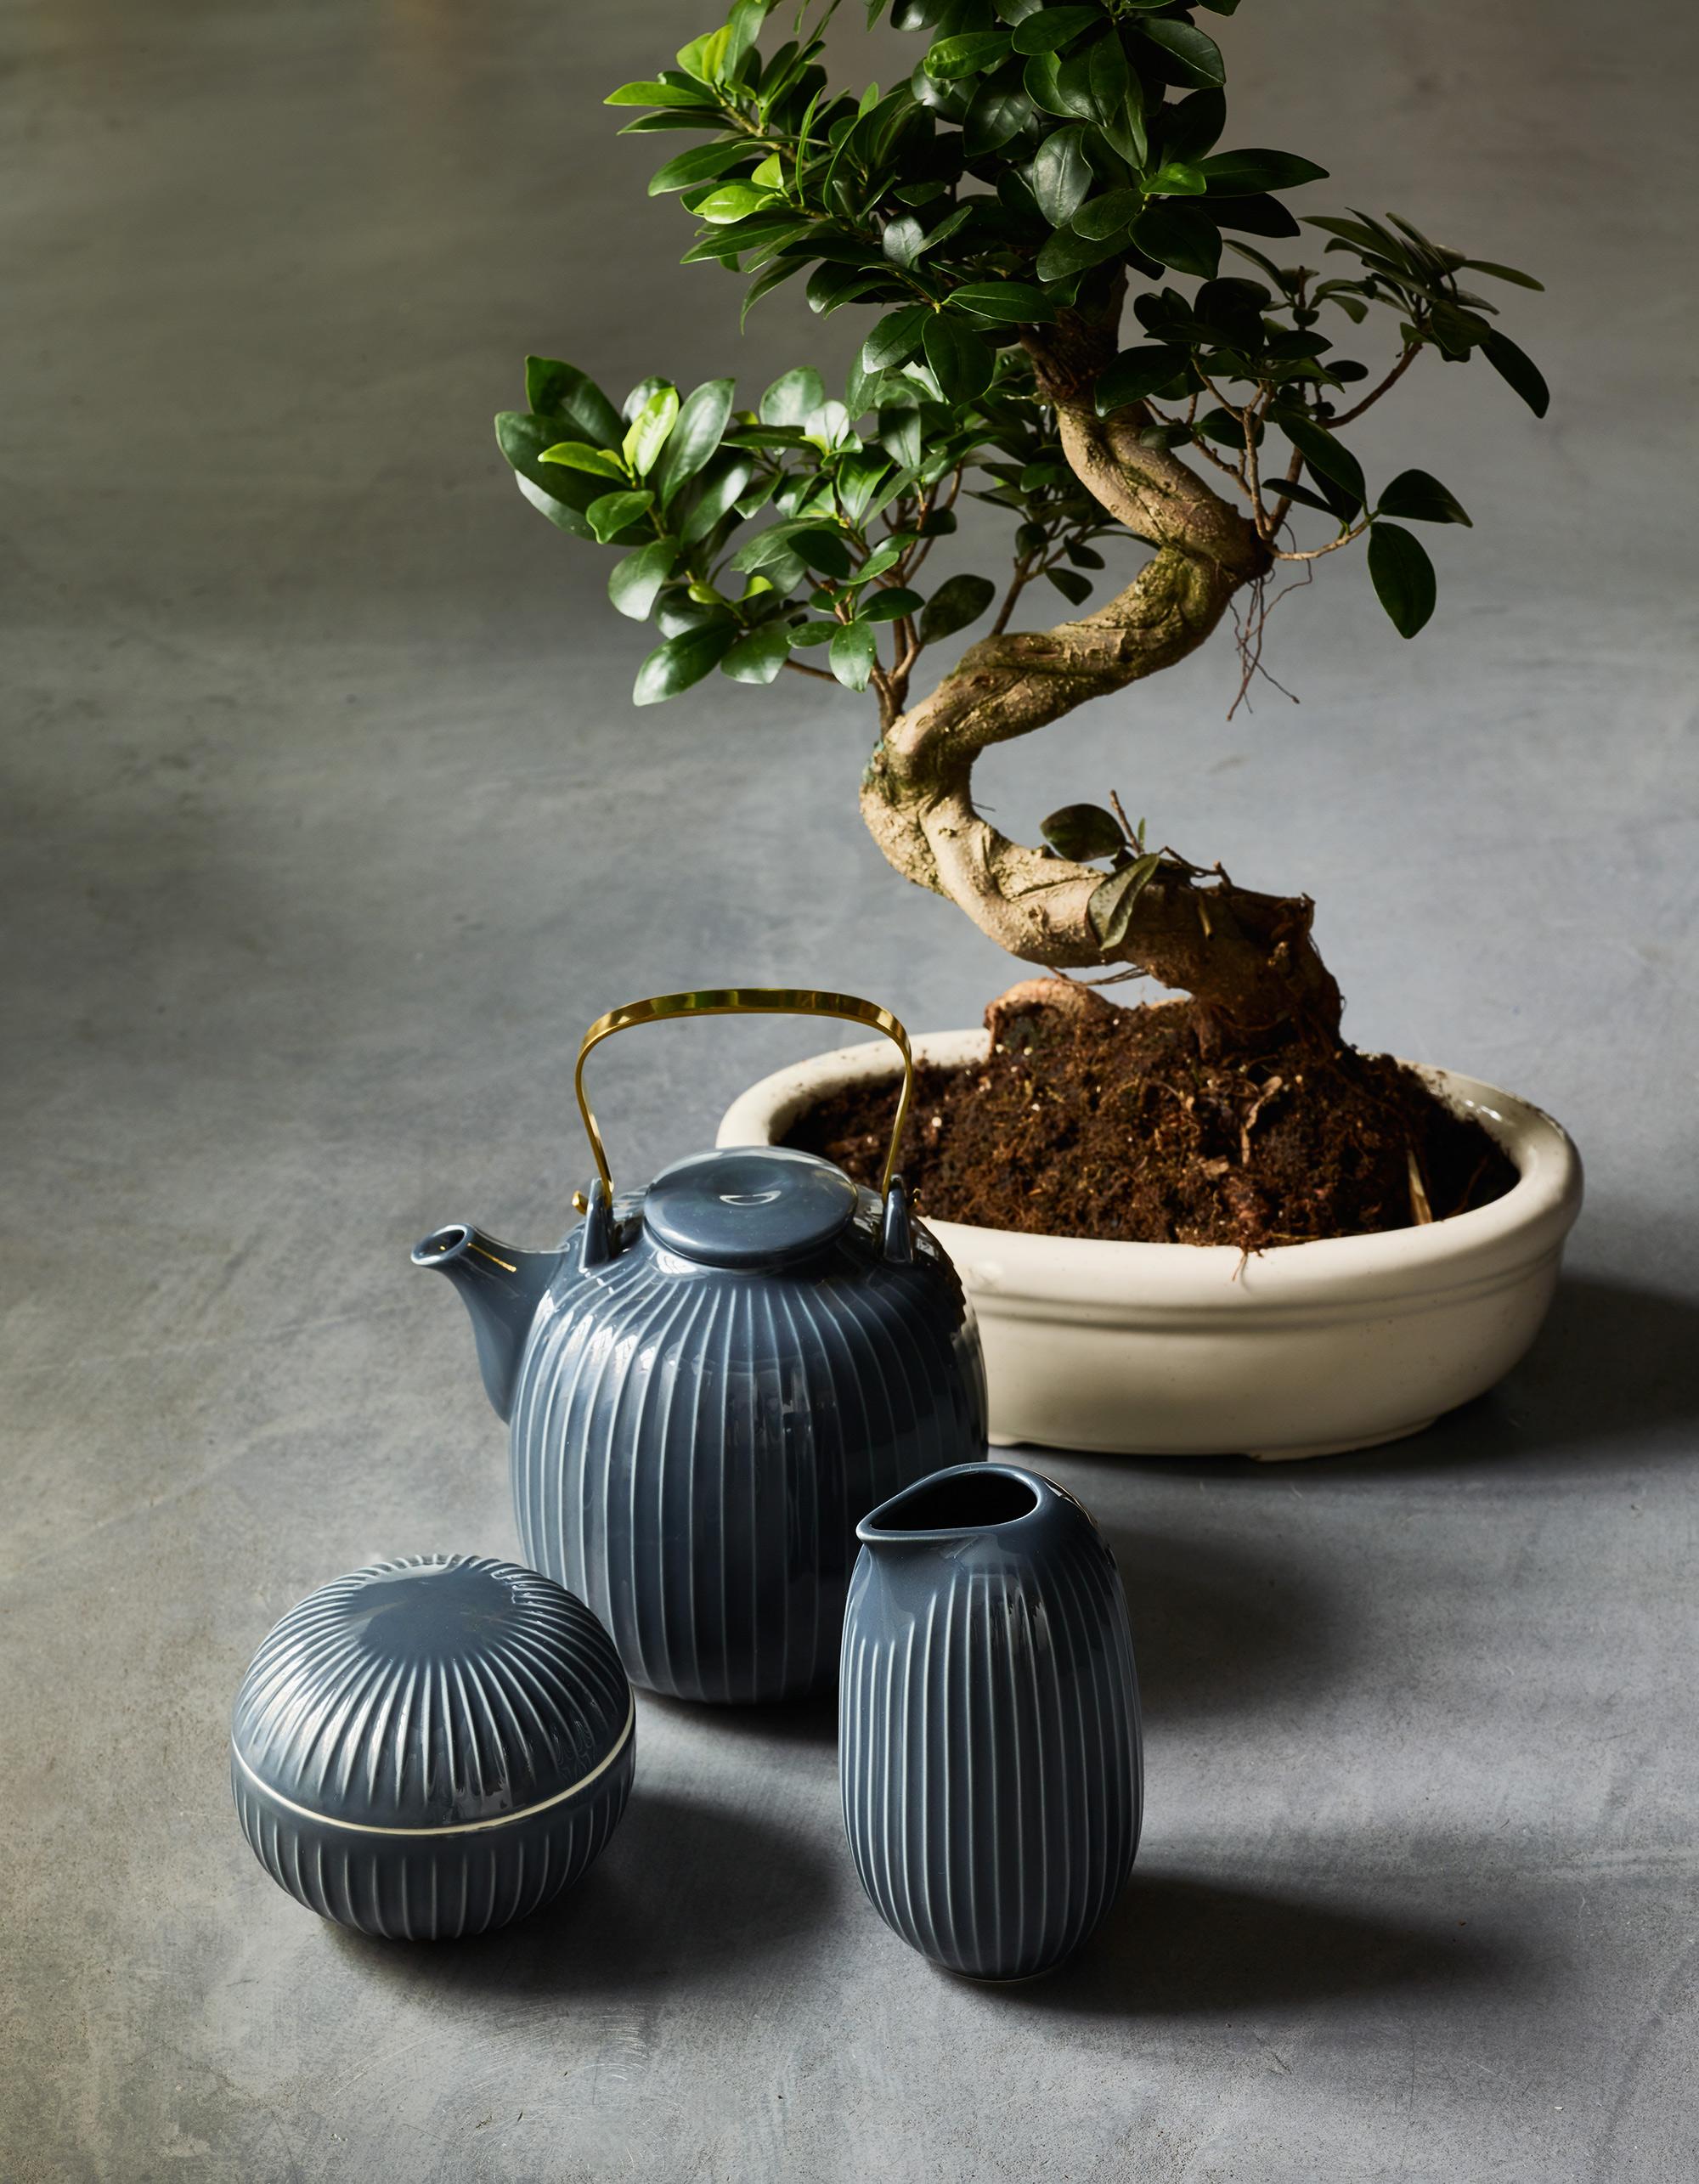 Aziatische woonstijl theepot en plant